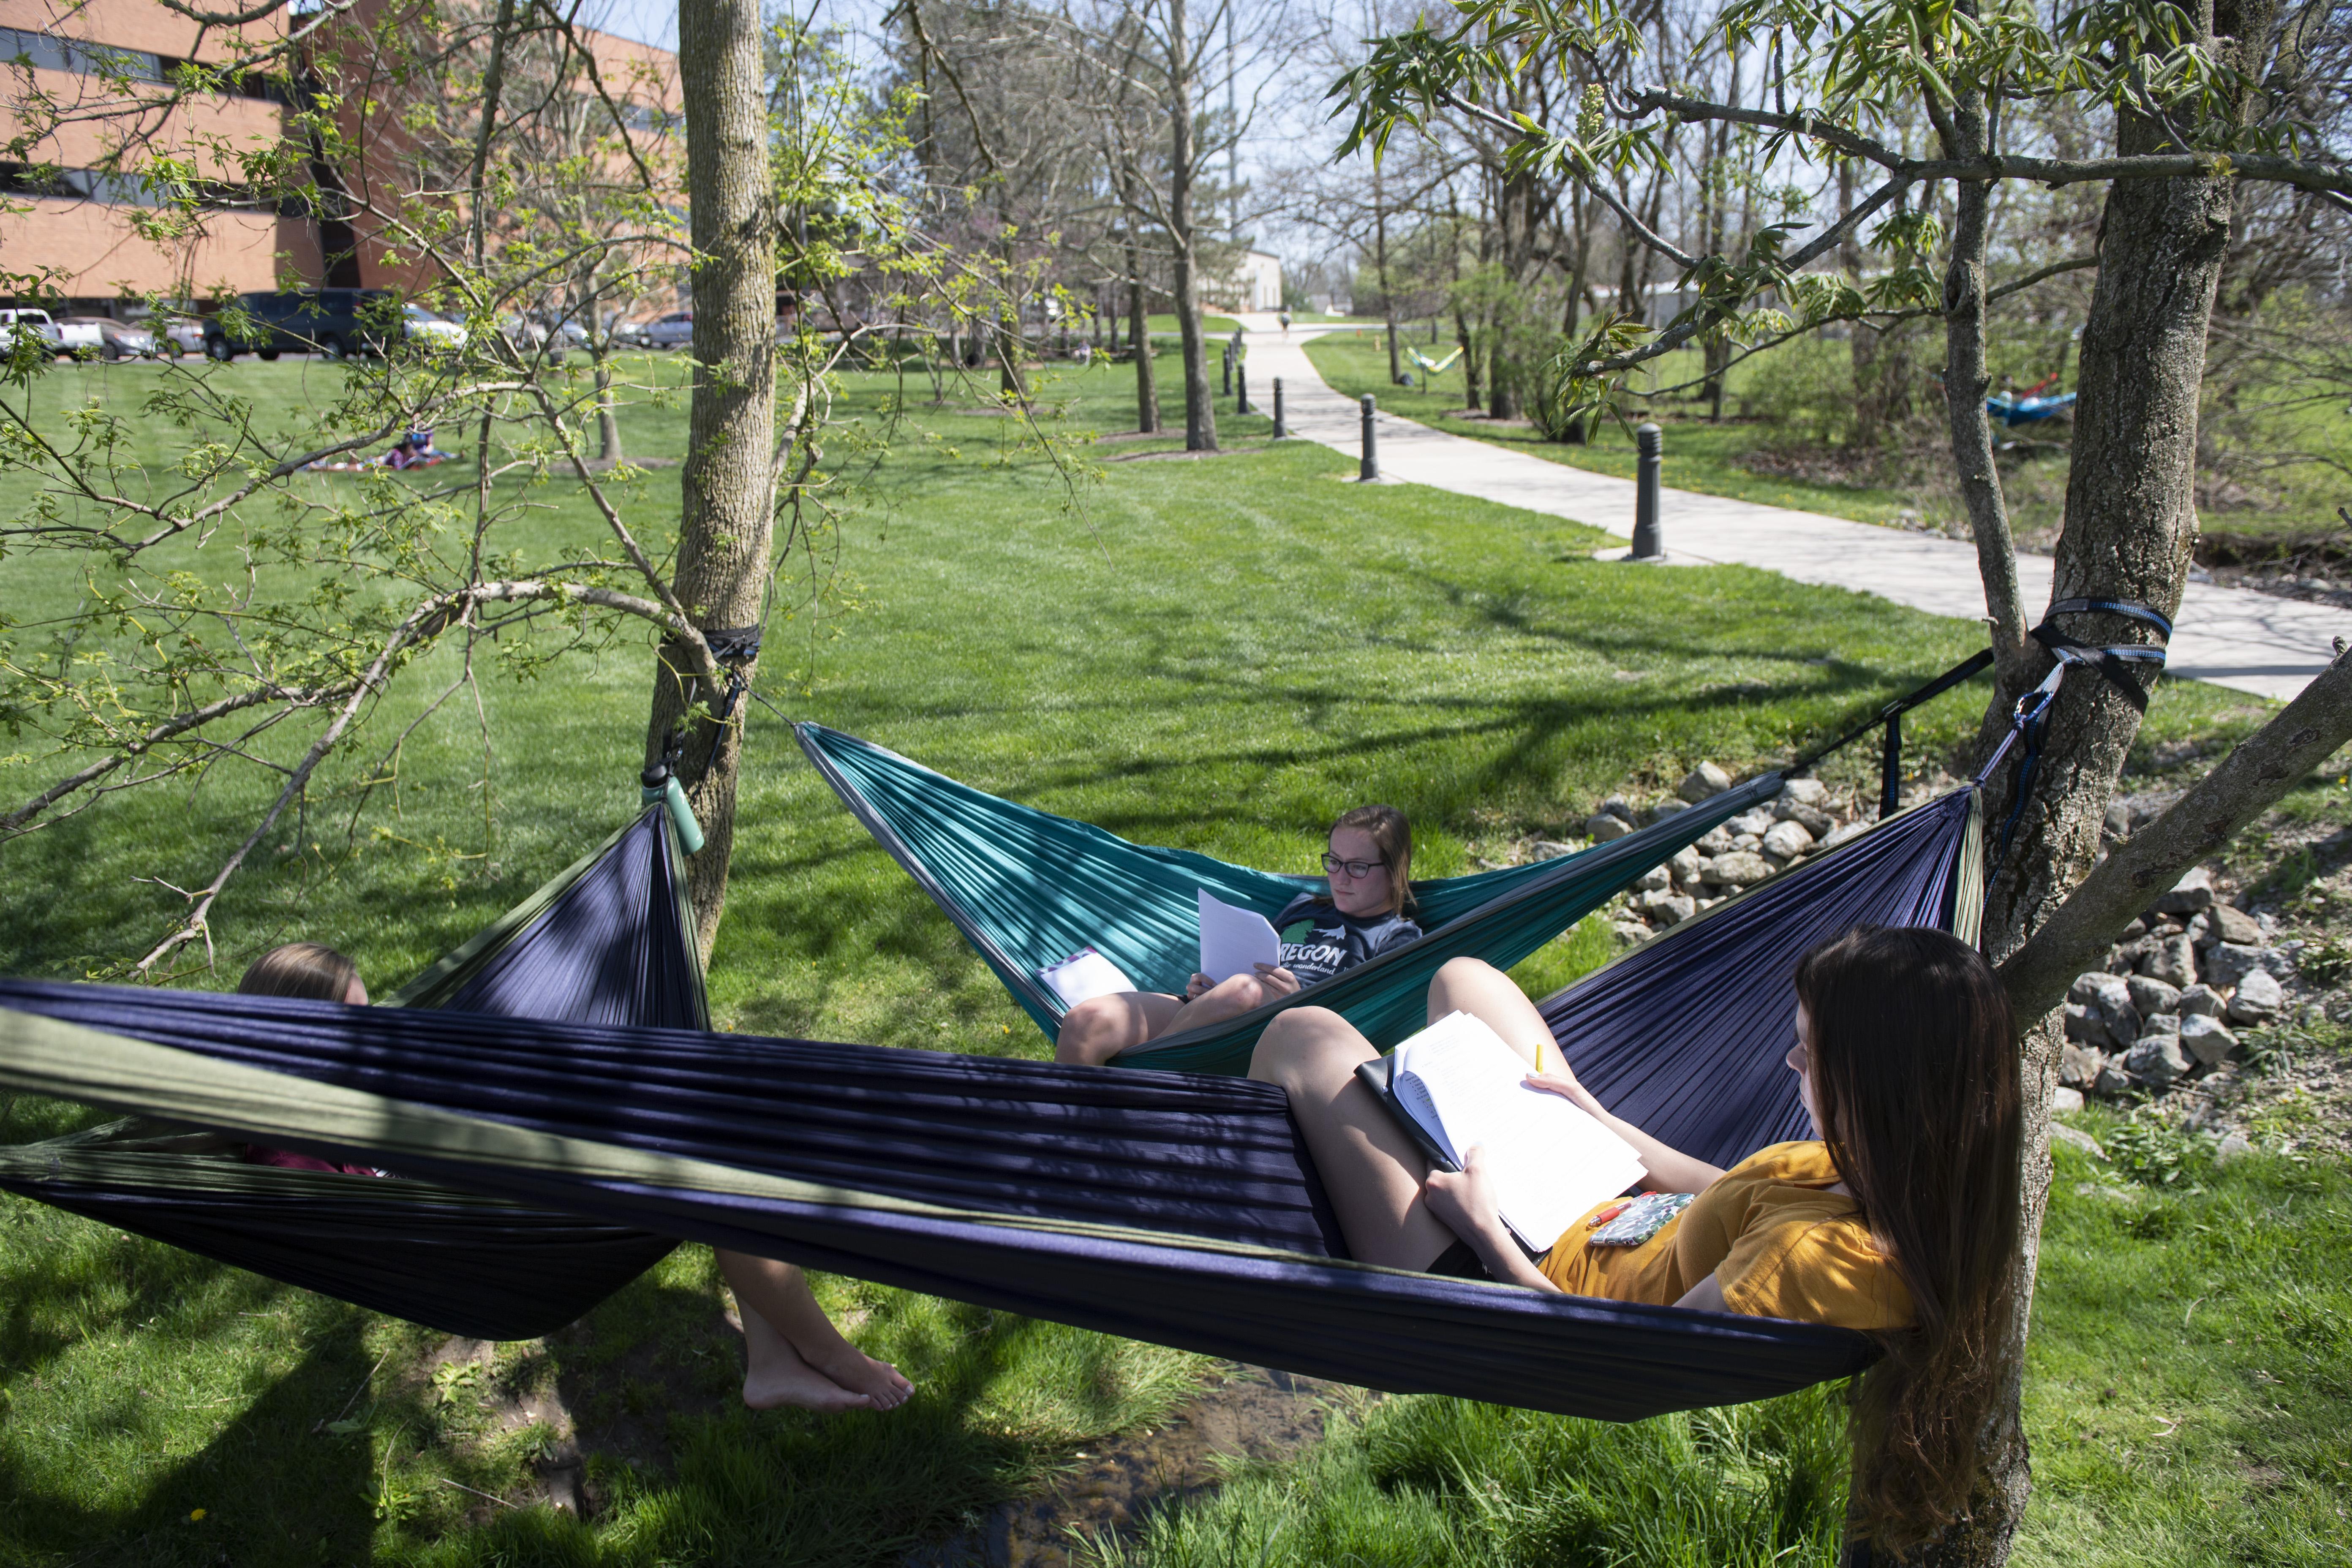 students in hammocks